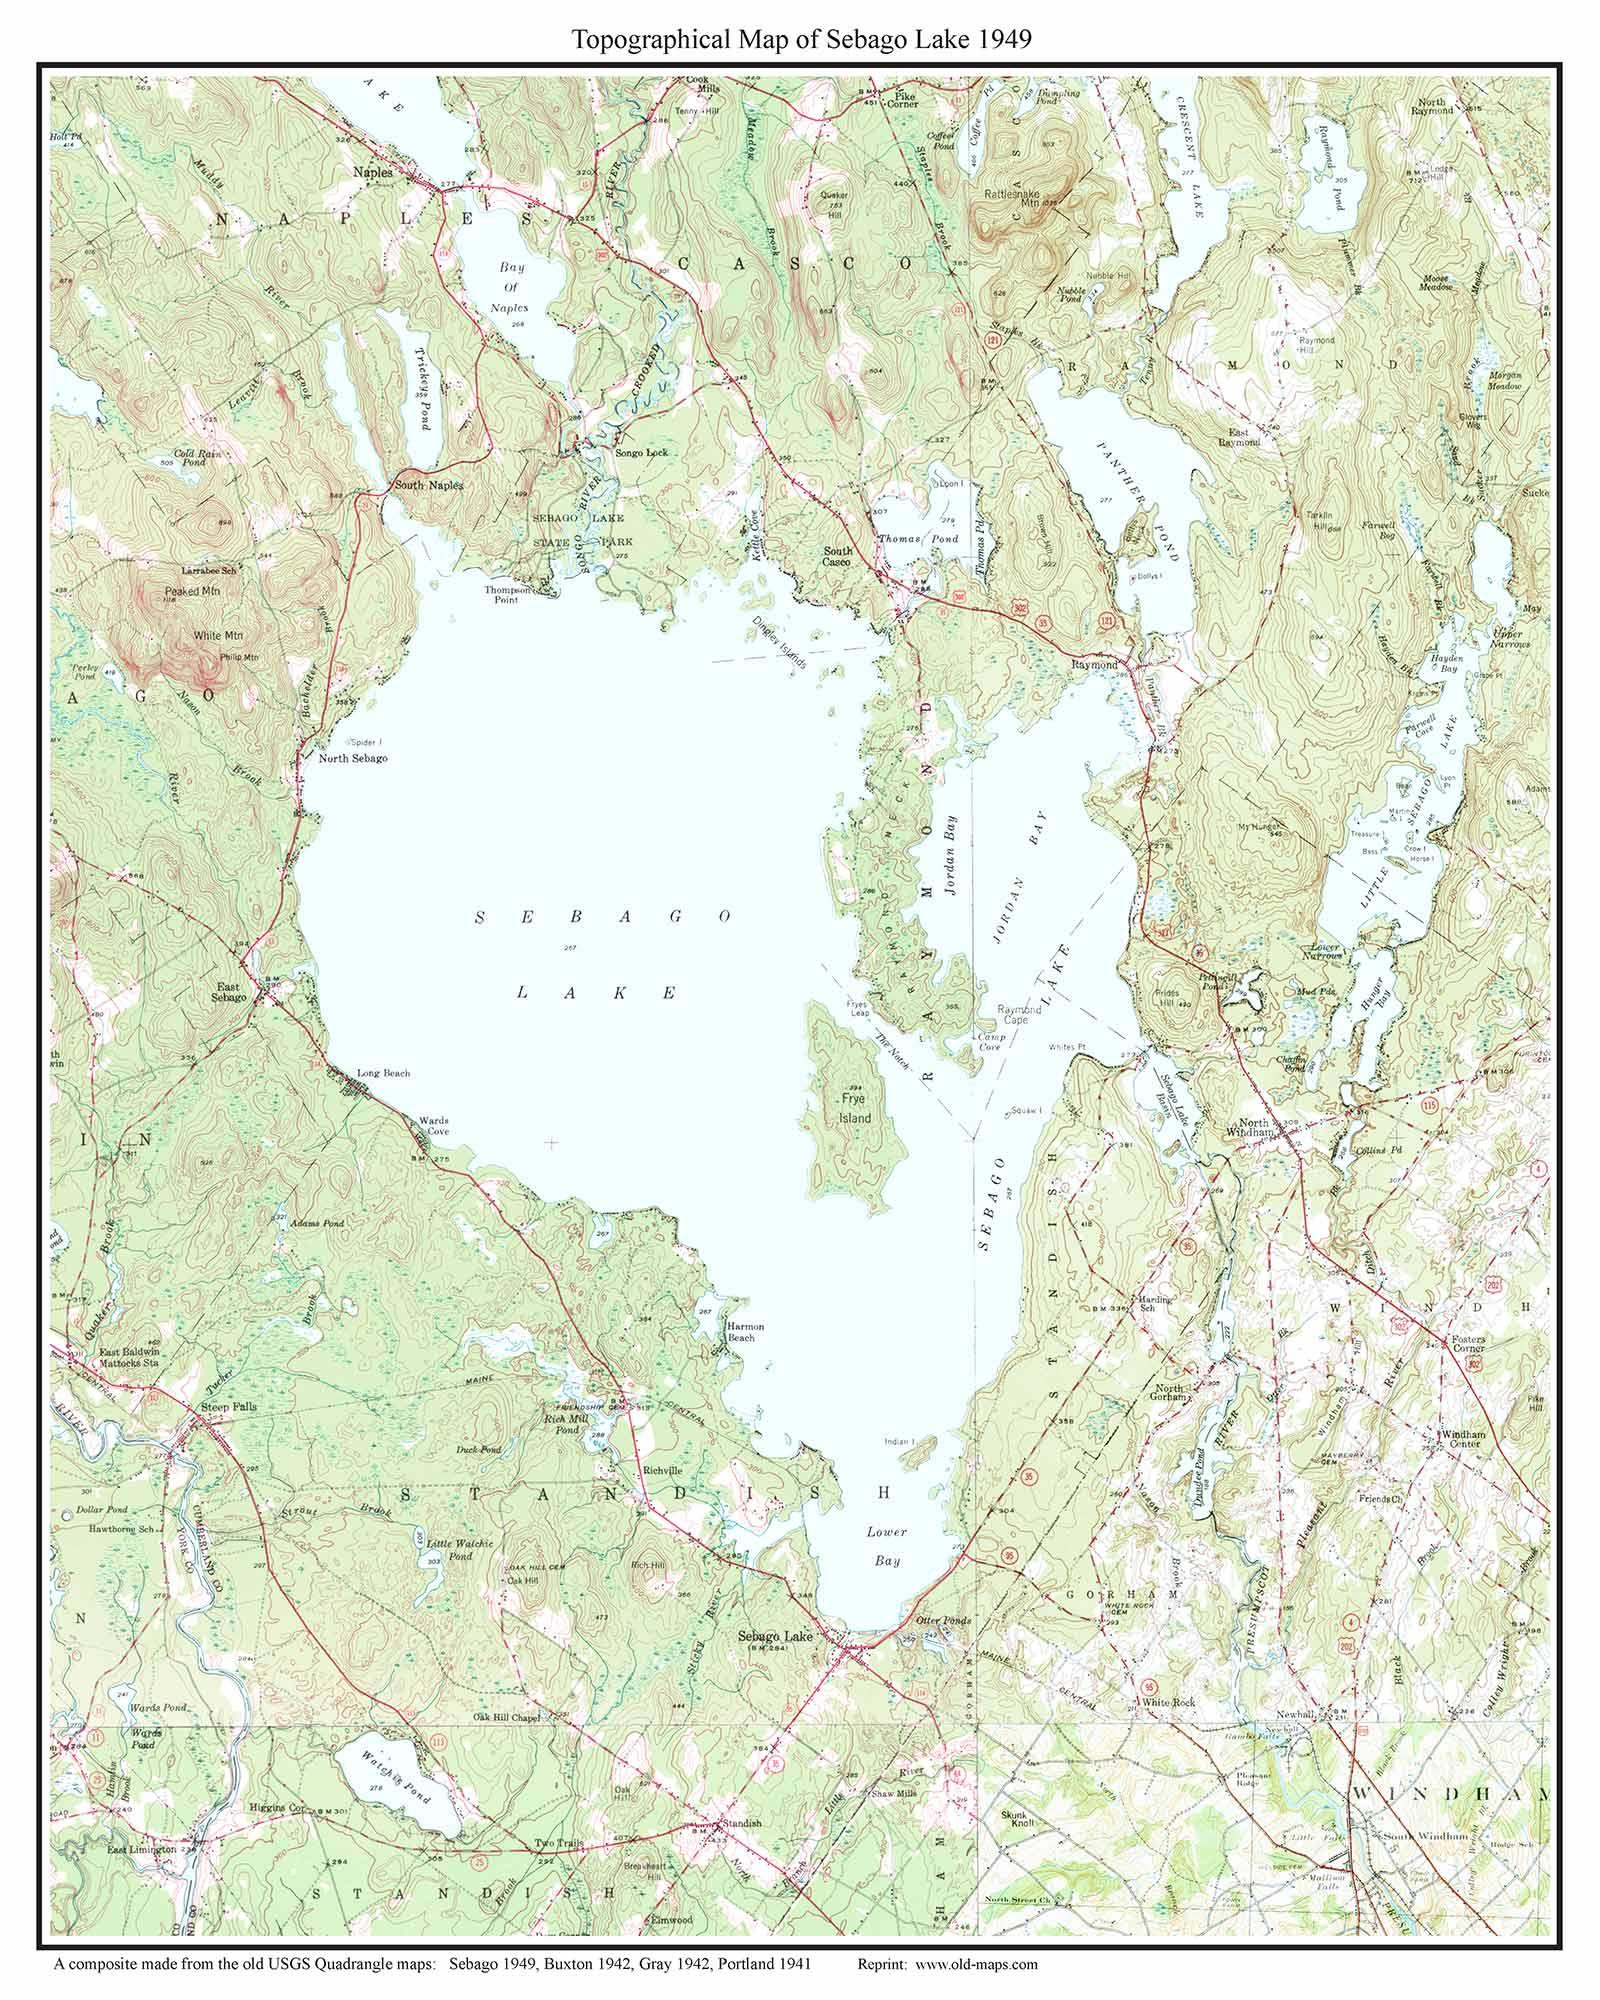 sebago lake map  my blog -